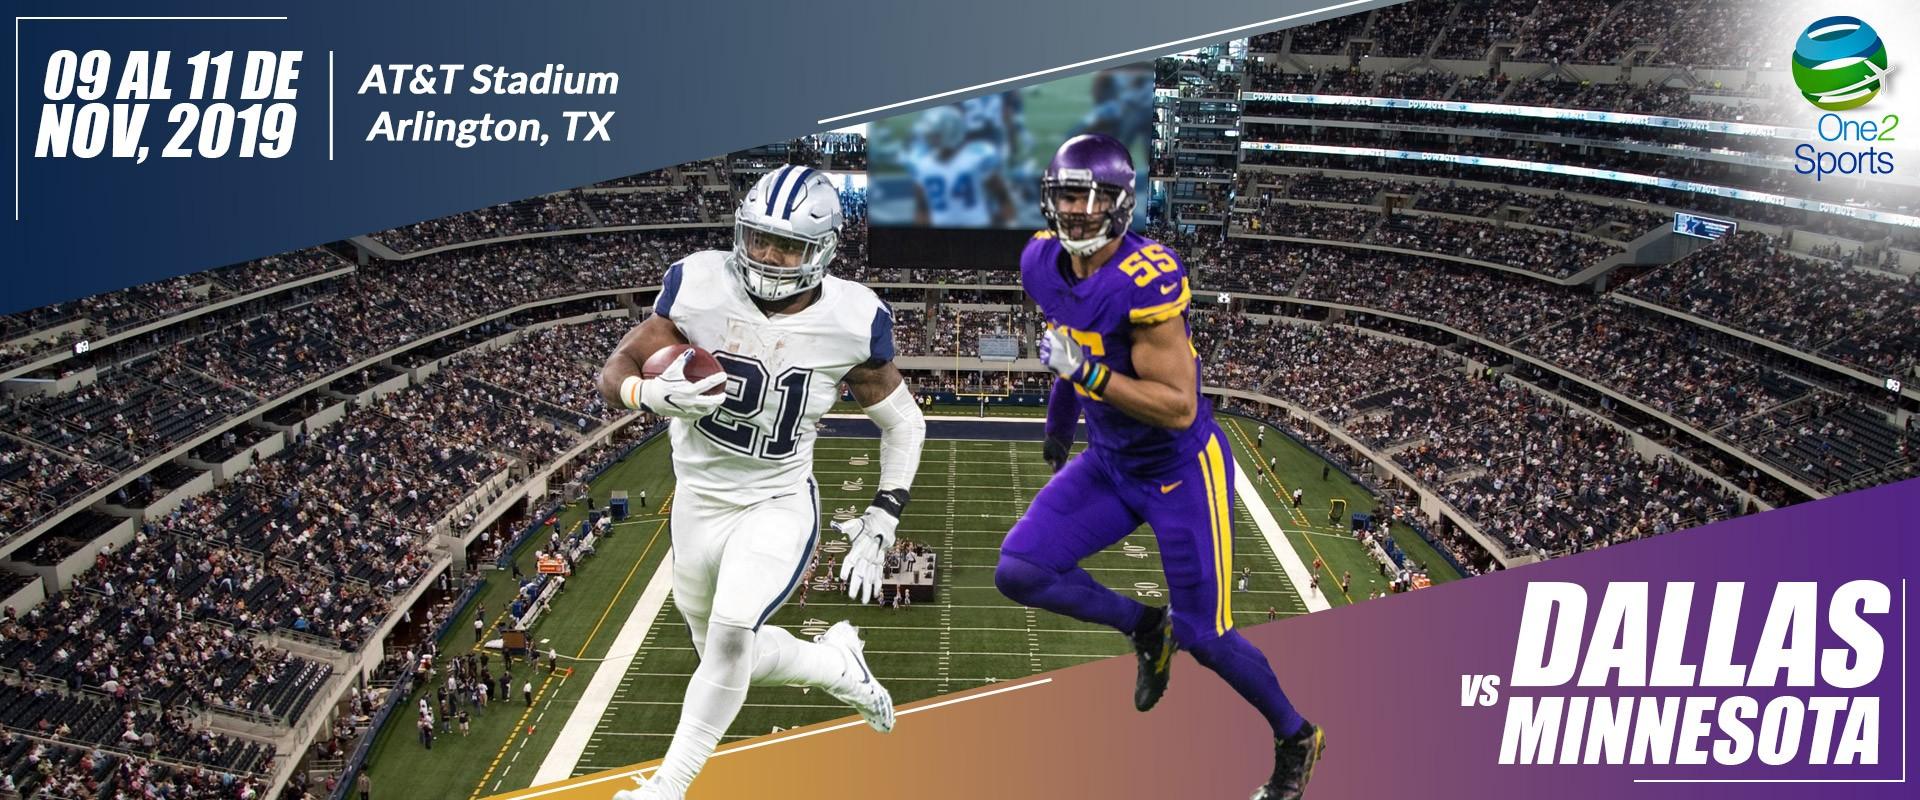 Dallas vs Minnesota